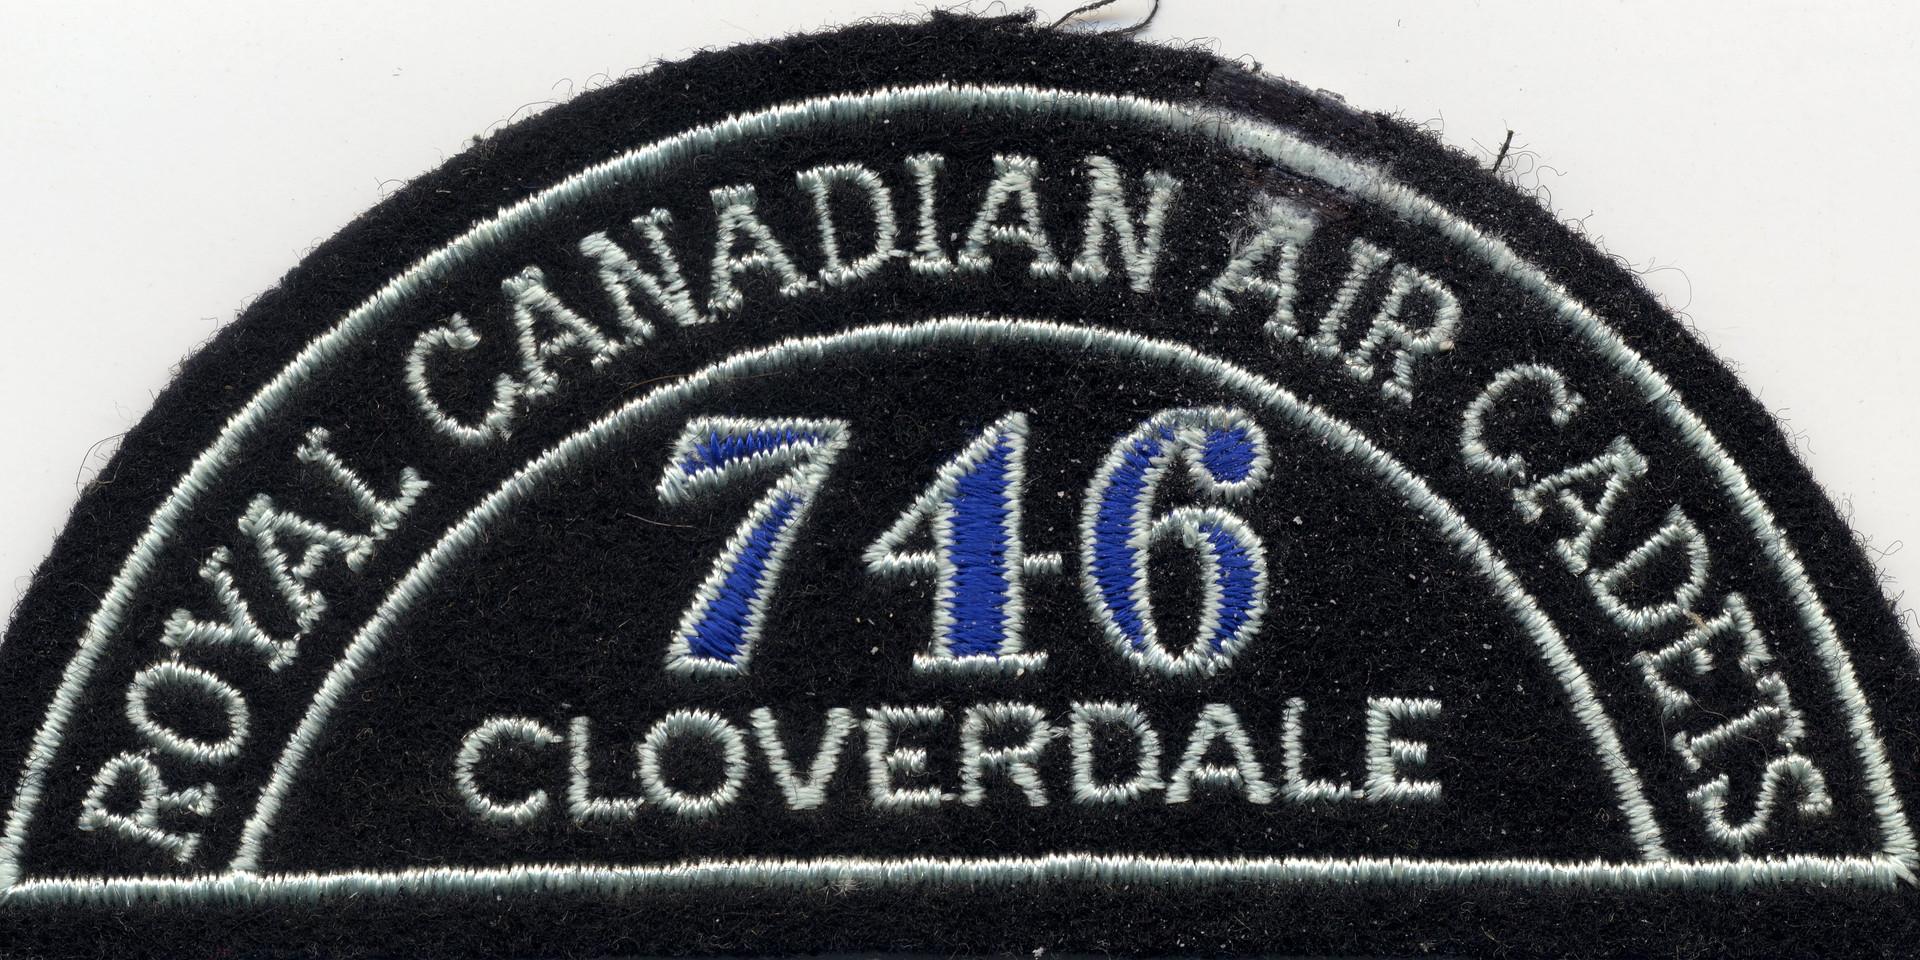 01b. 746 Cloverdale shoulder flash.jpg